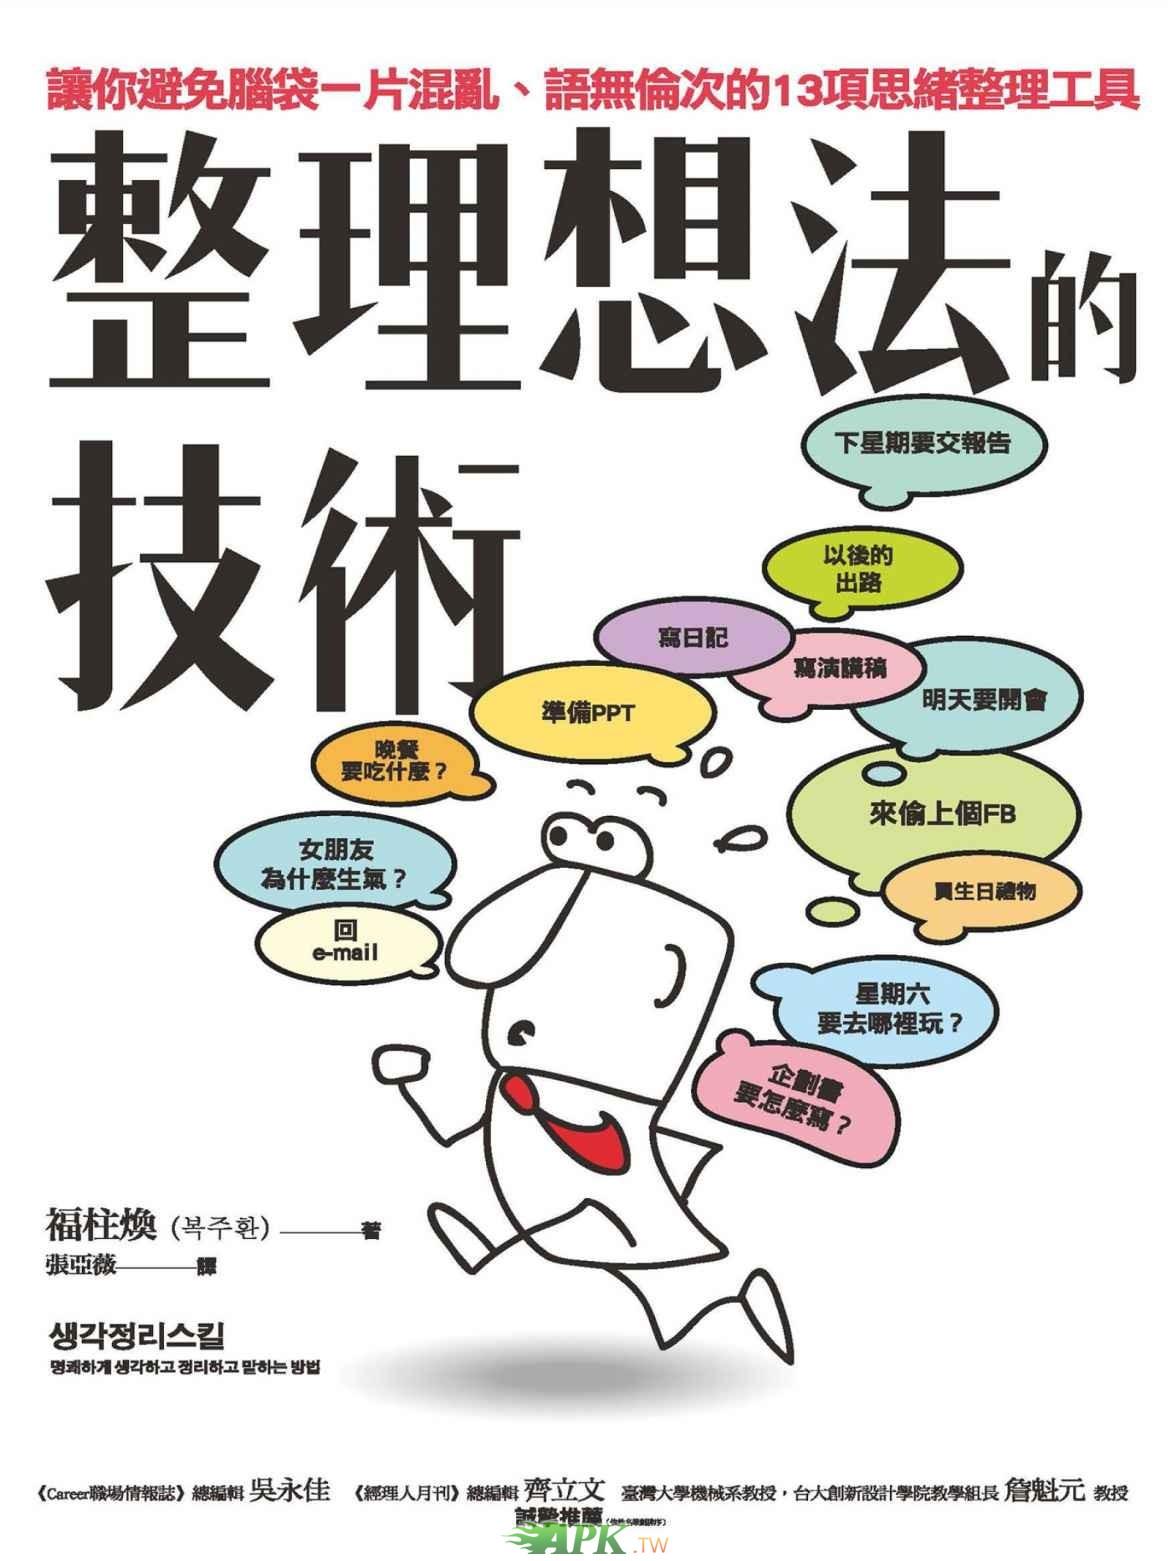 福柱煥《整理想法的技術》.jpg